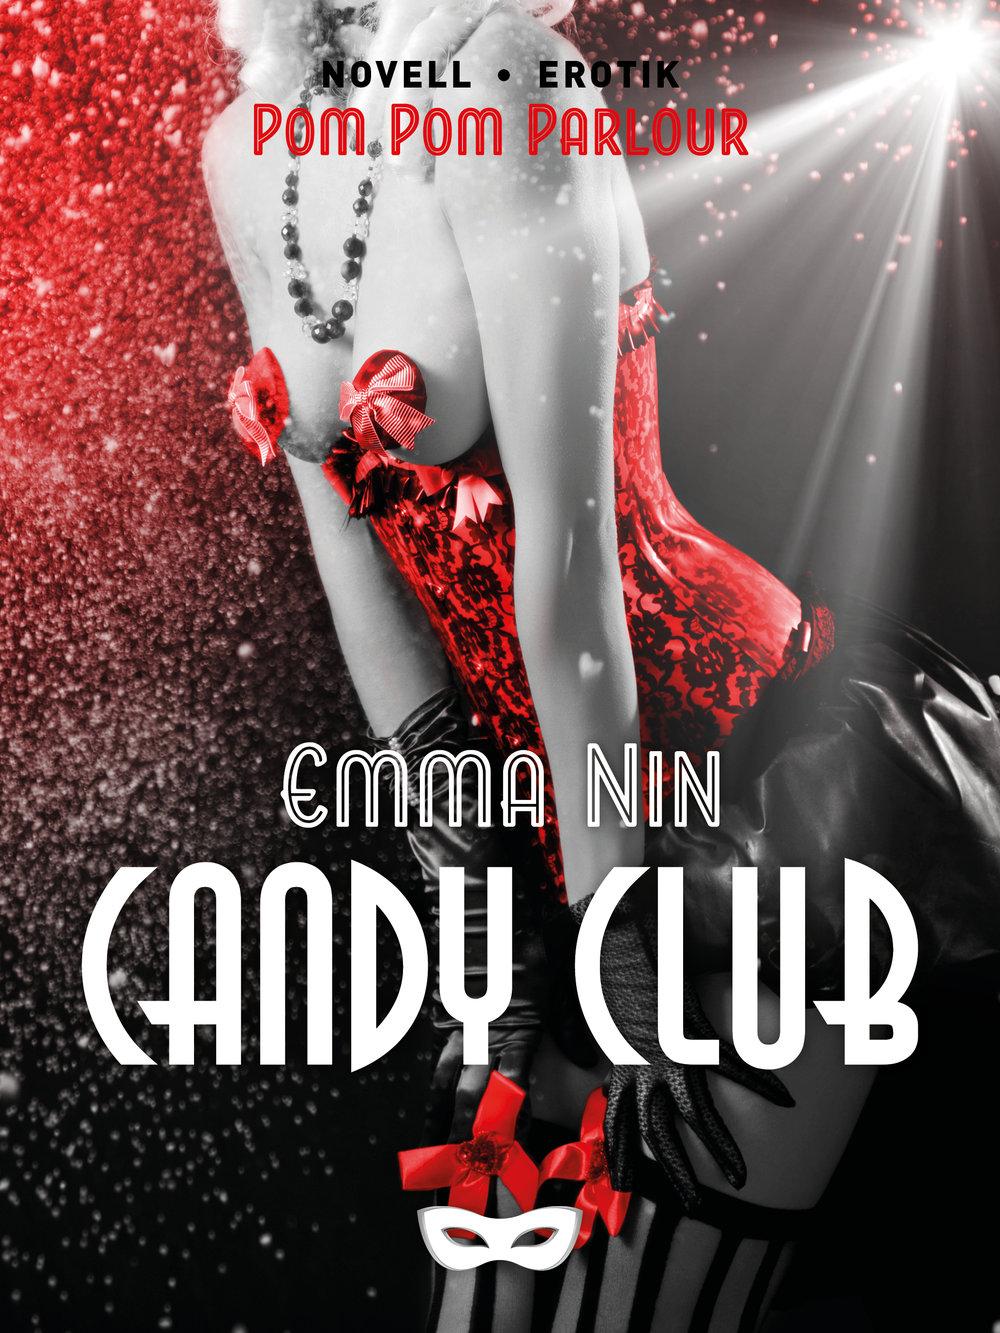 CANDYn_Candy club_Emma Nin.jpg